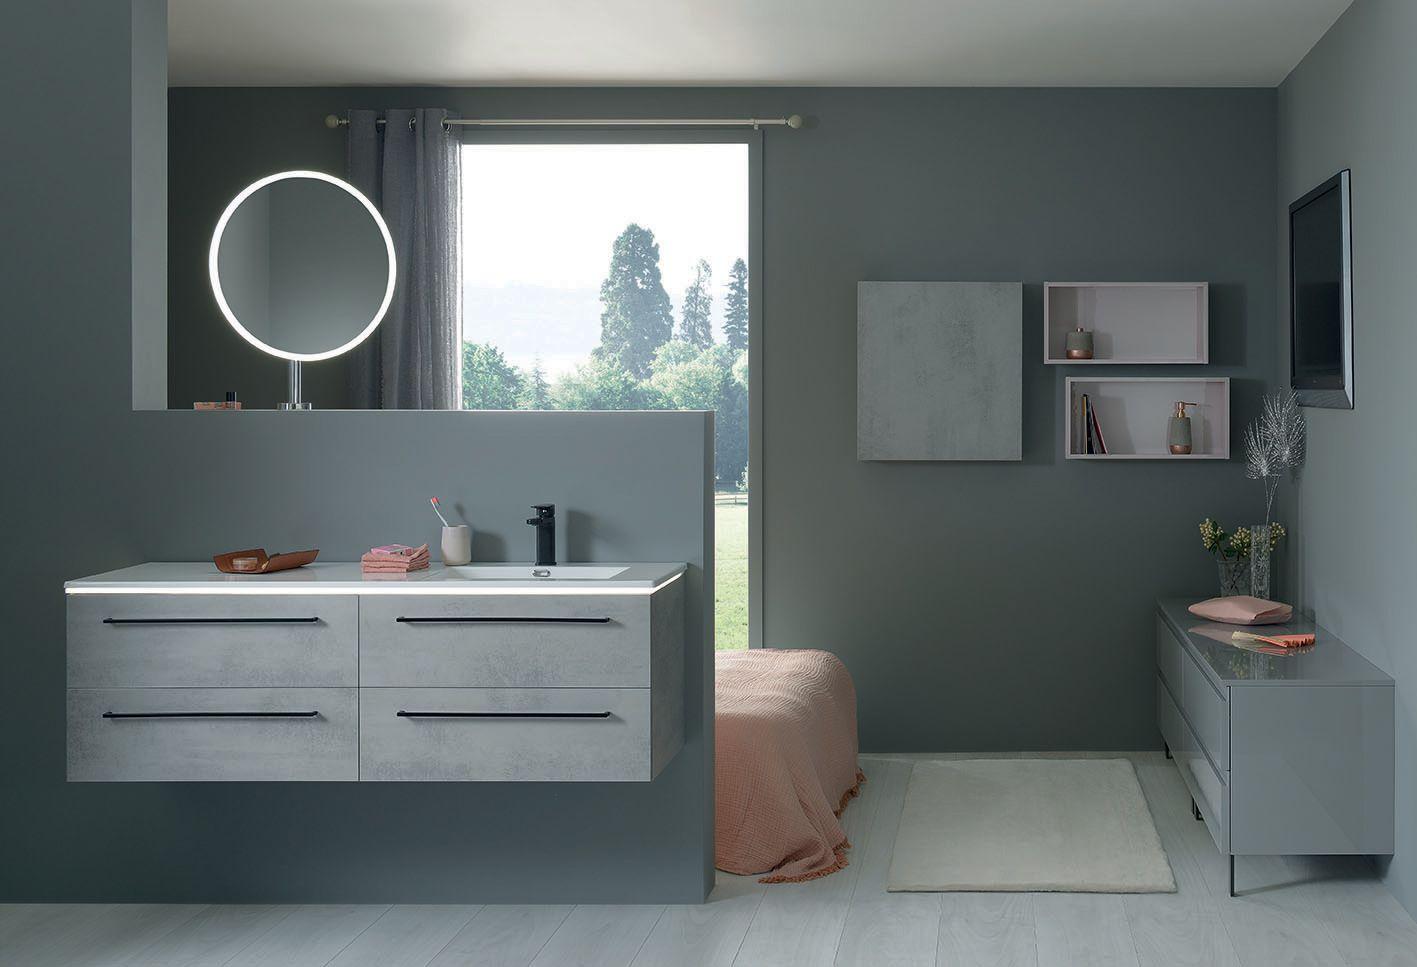 Rien de tel qu?une belle salle de bain pour se lever du bon pied, et profiter d?une journ�e ensoleill�e! Ce meuble vasque halo aux tons gris clairs est �quip� d?�clairages LED int�gr�s, ainsi que de nombreux rangements. Il saura s?adapter � tous vos espac